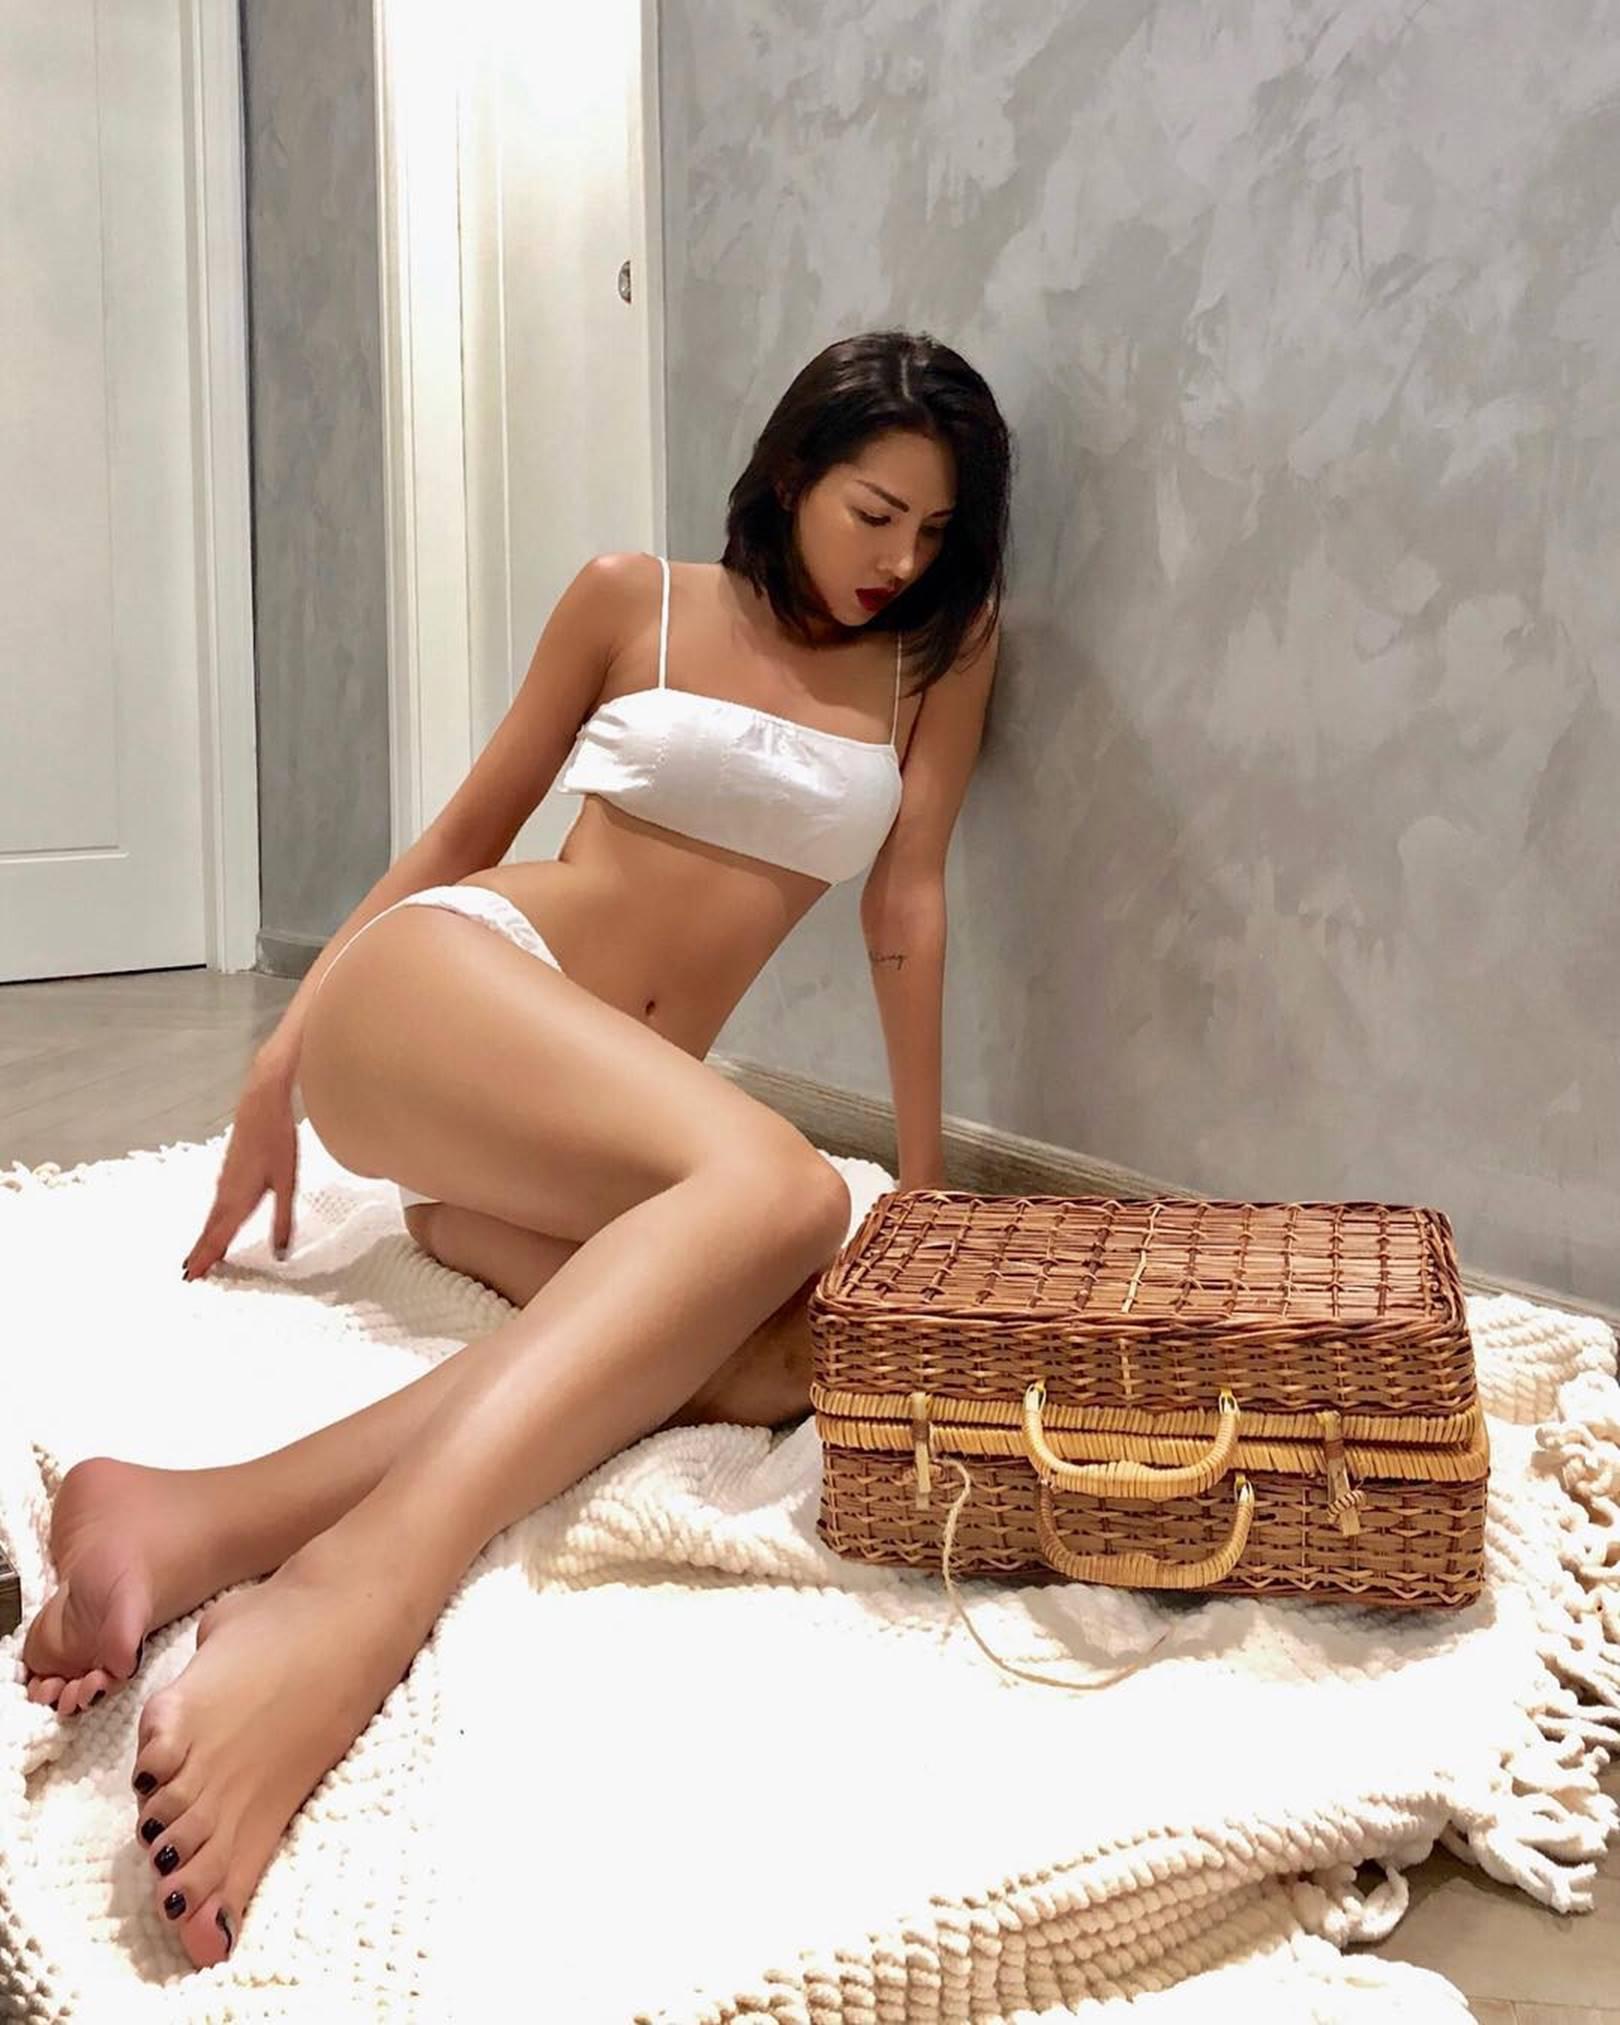 Gu mặc nóng bỏng, nghiện khoe da thịt của bạn thân Hoa hậu Kỳ Duyên-3